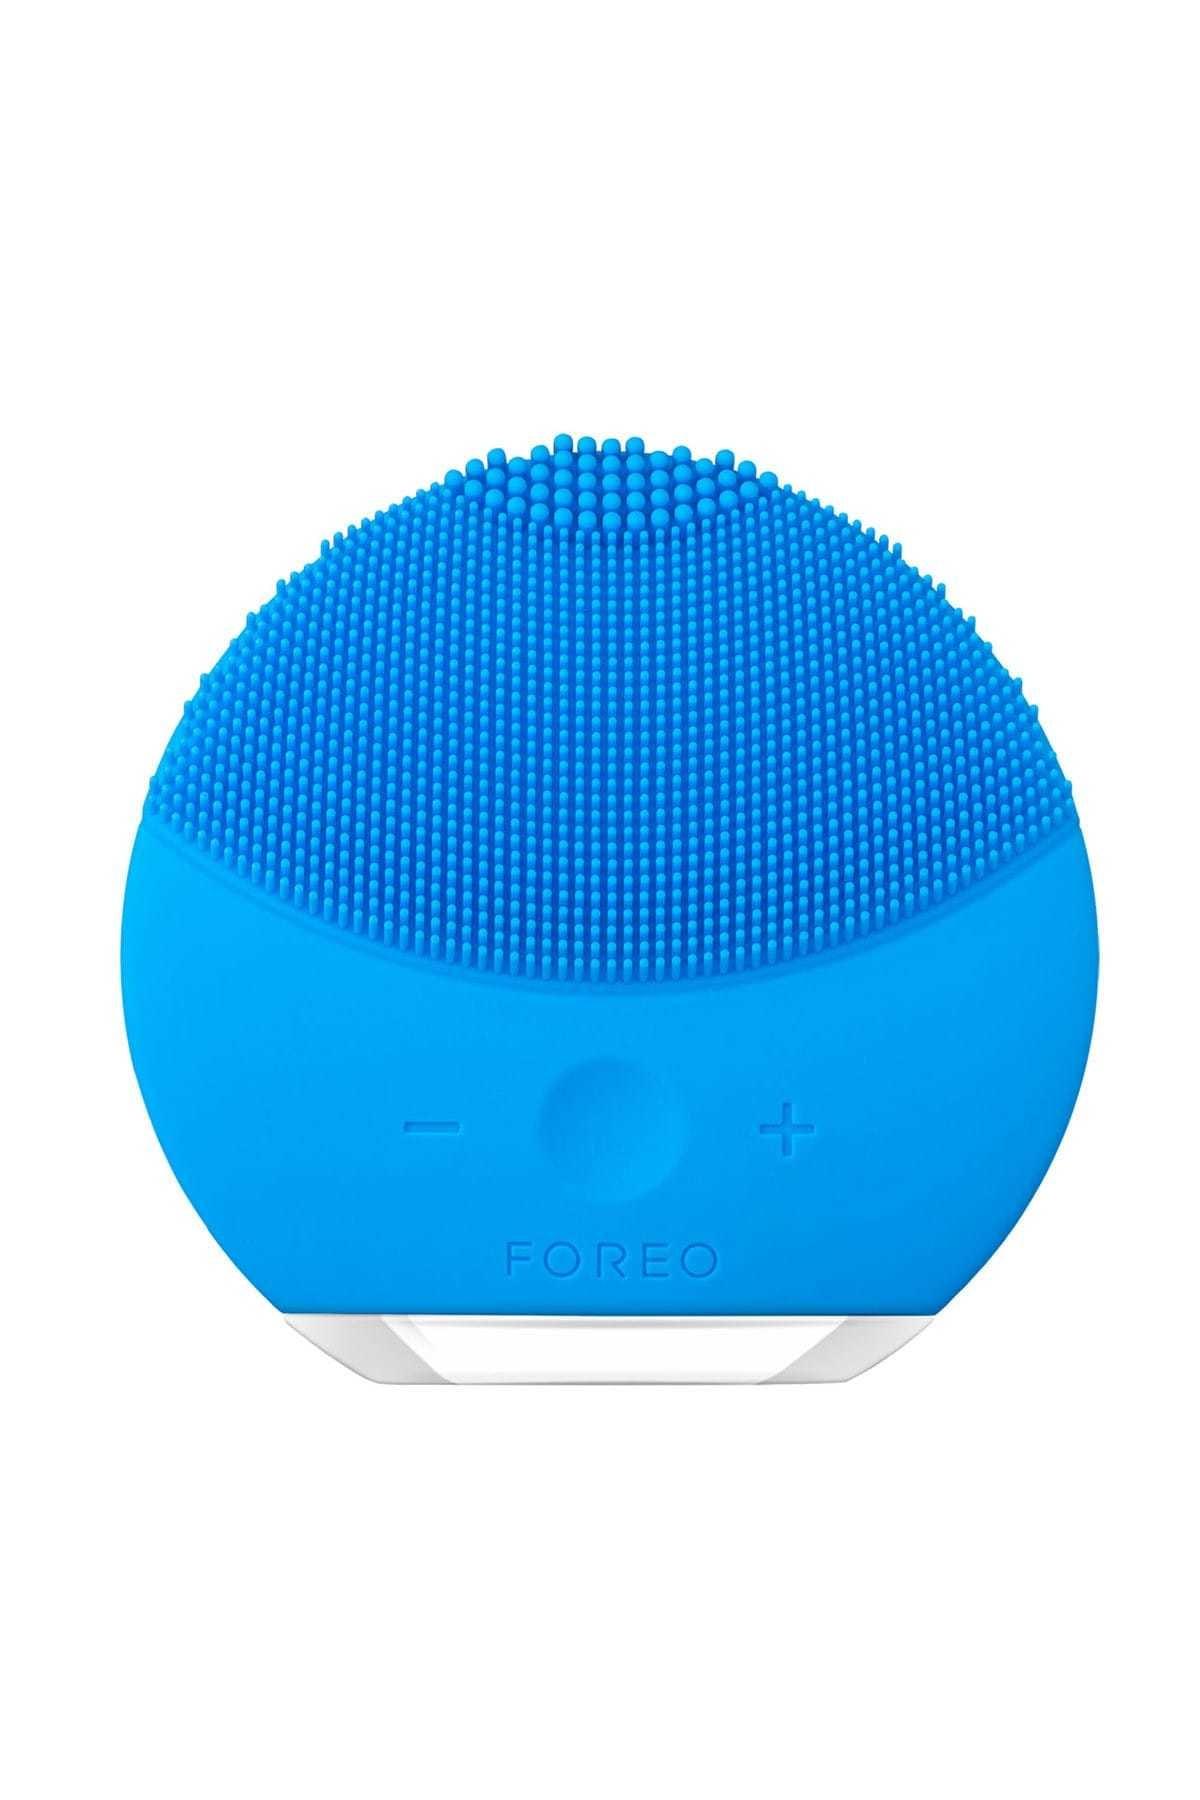 LUNA Mini 2 Yüz Spa Masajı ve Temizleme Cihazı - Aquamarine 7350071076248